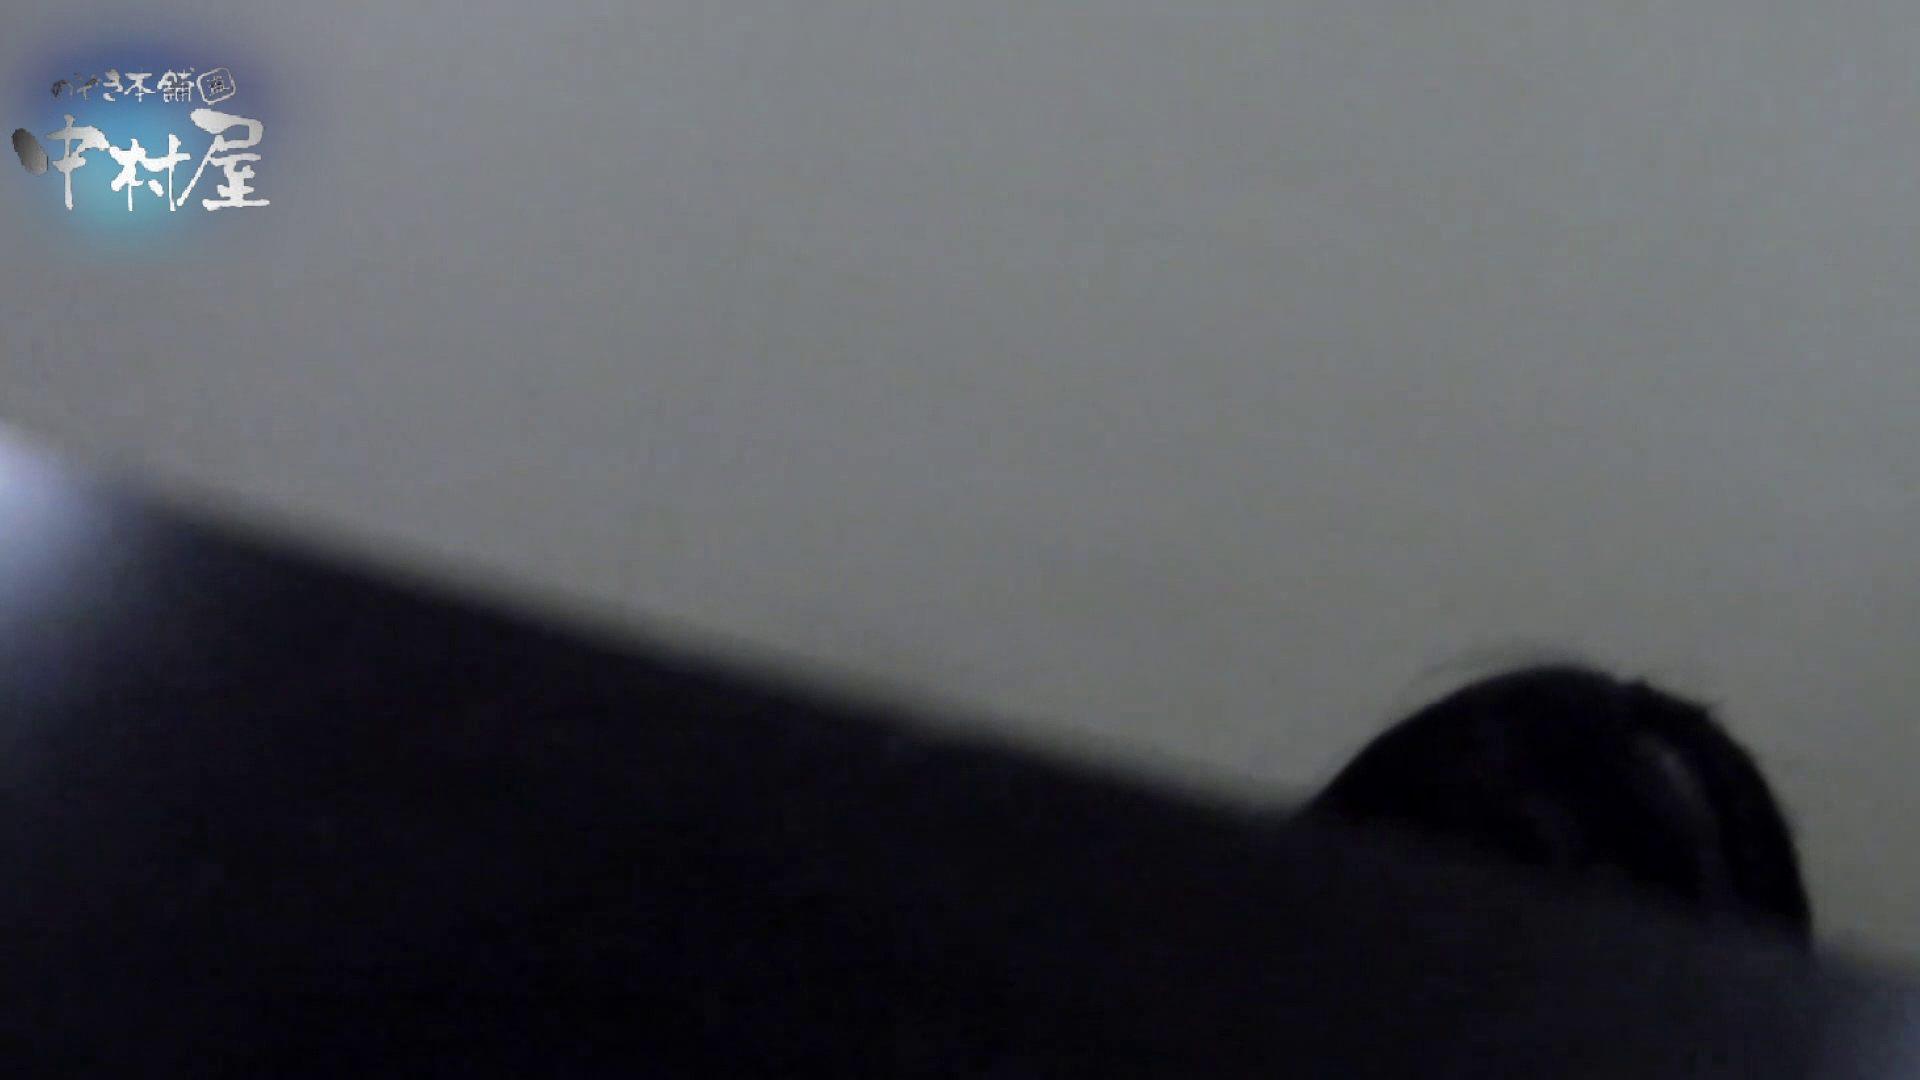 乙女集まる!ショッピングモール潜入撮vol.03 乙女エロ画像 おまんこ動画流出 87PICs 57